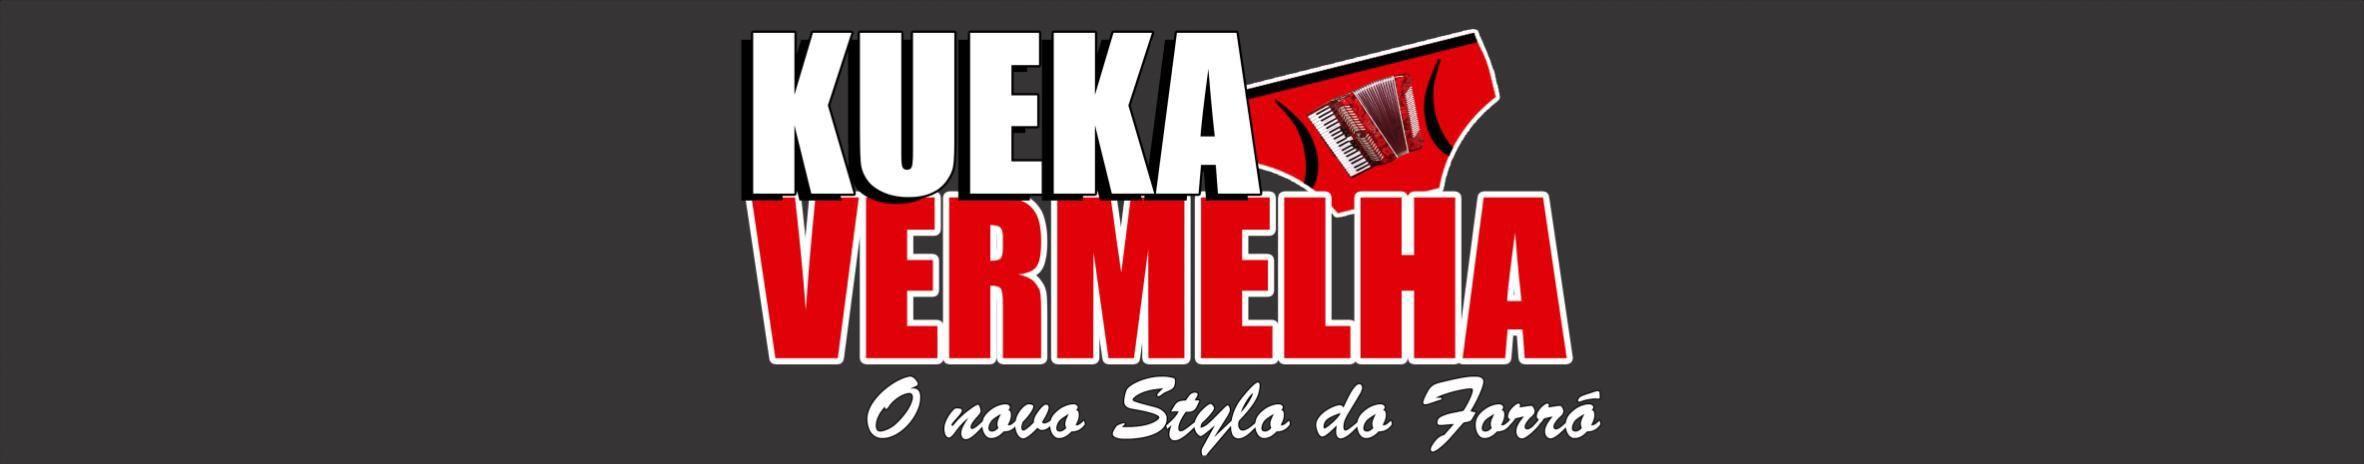 Imagem de capa de kueka vermelha oficial